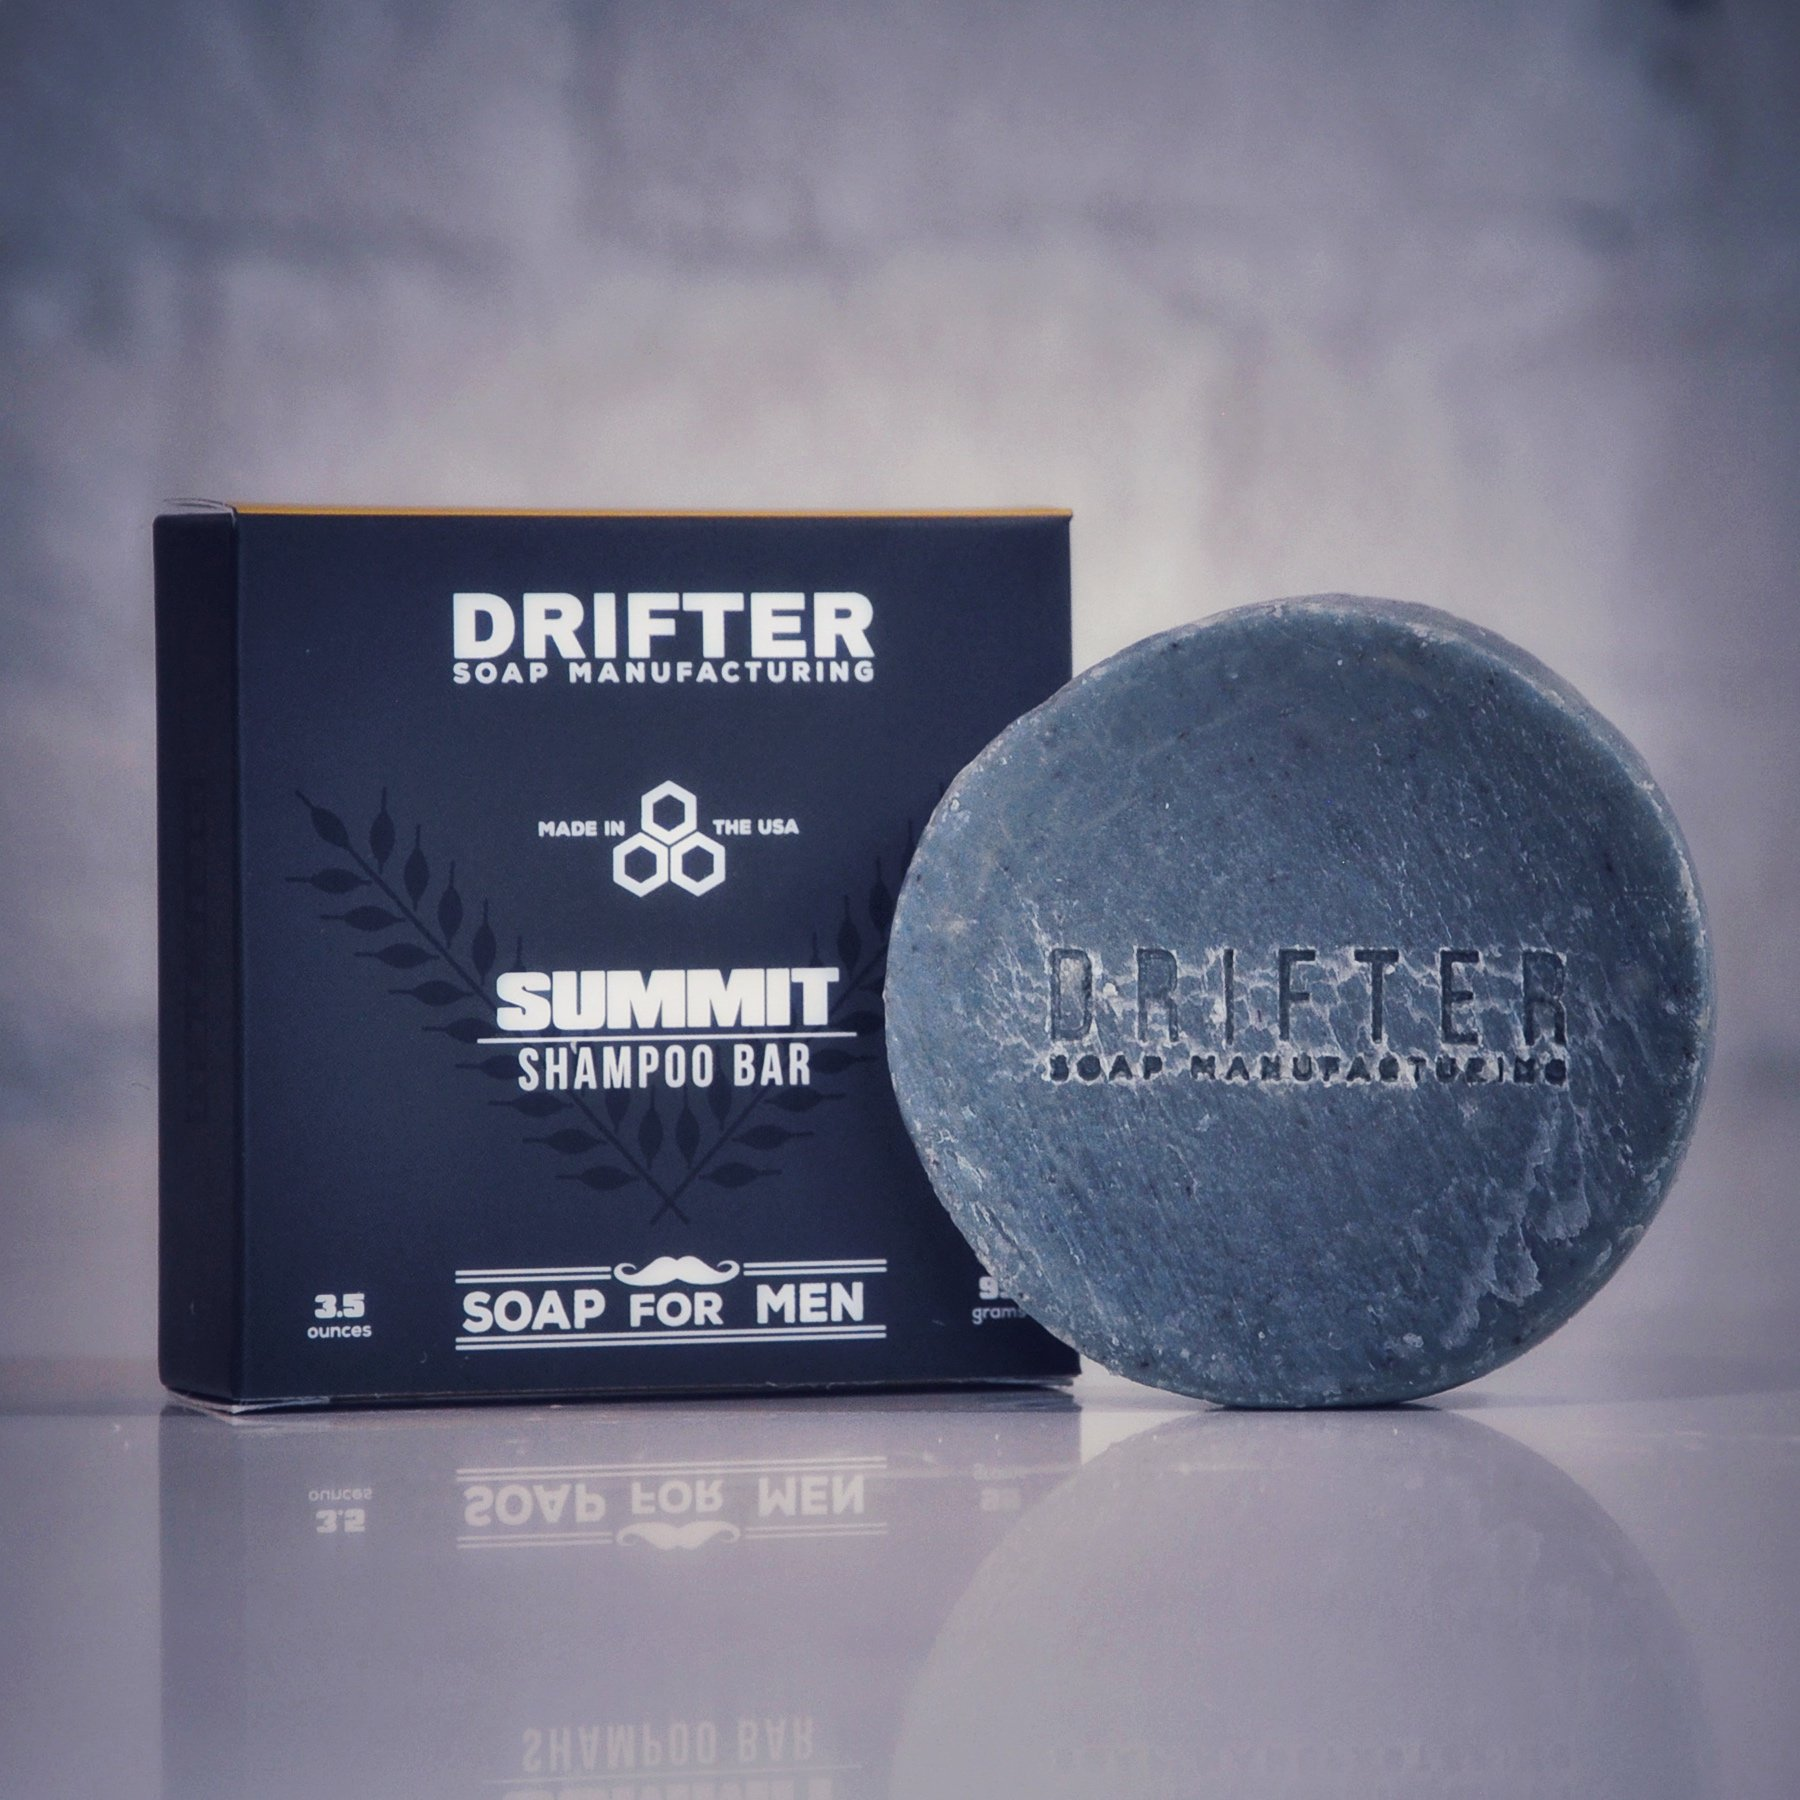 [美國 Drifter] Summit 男士洗髮餅